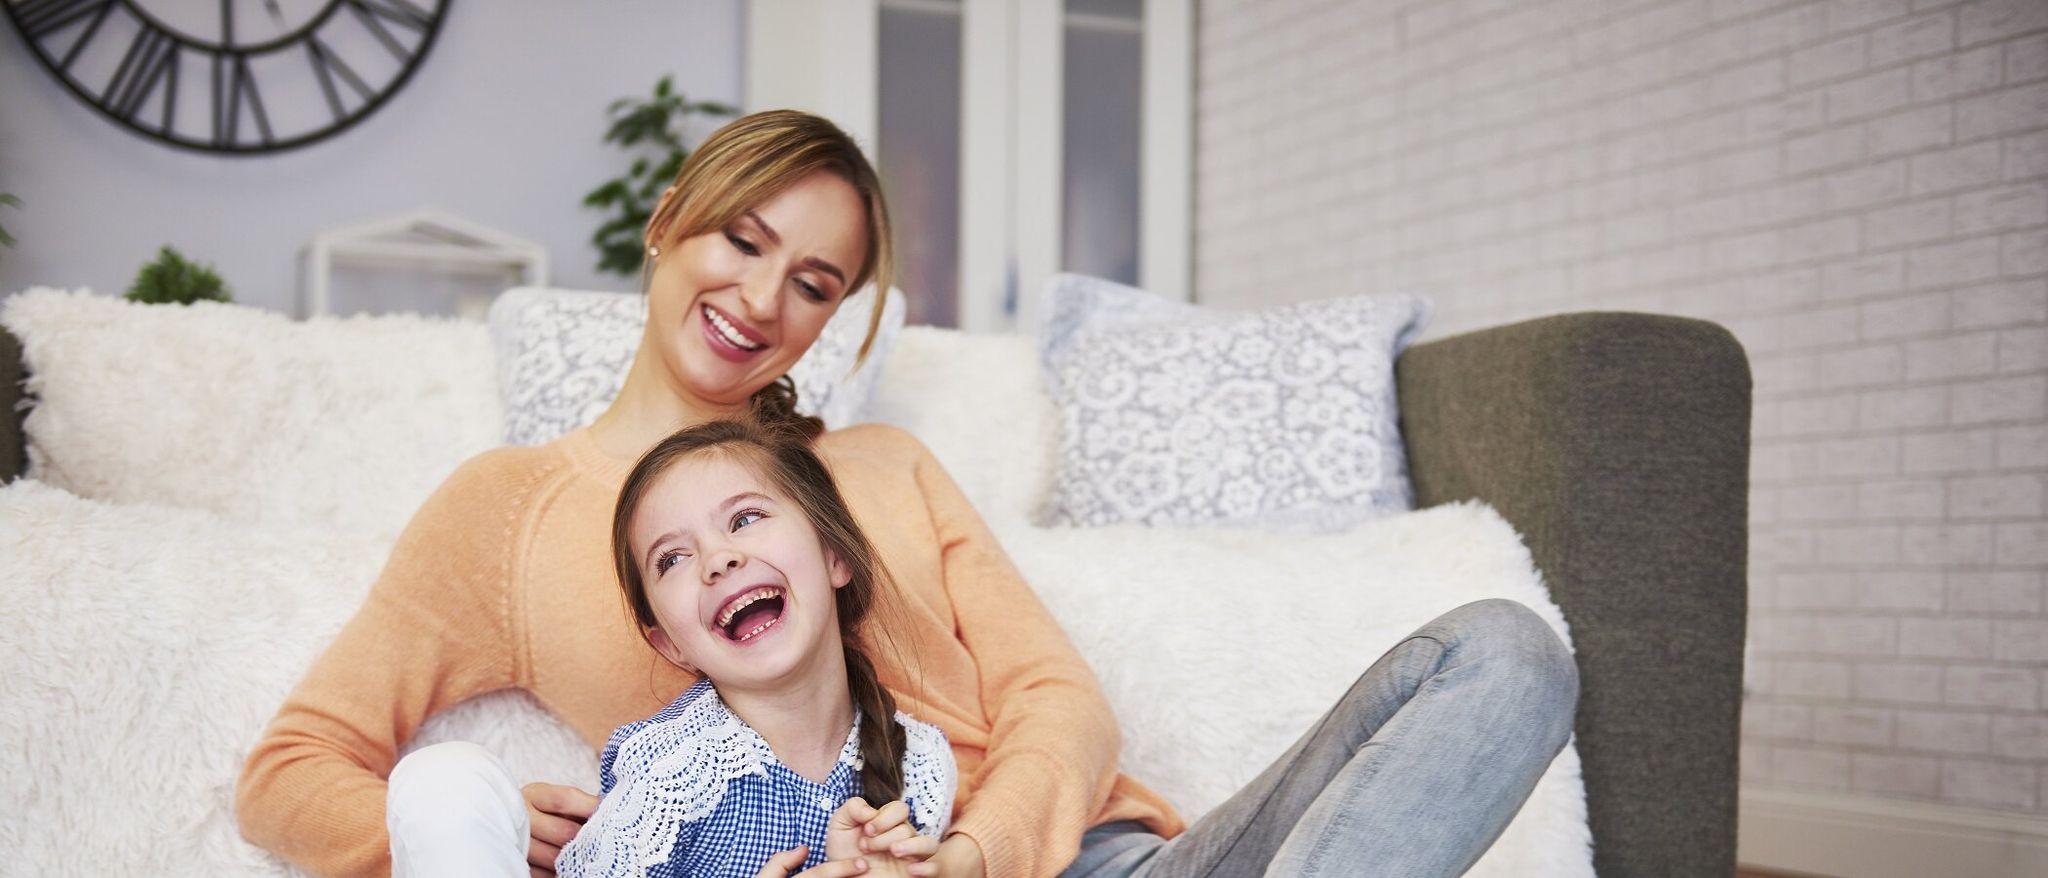 الفرح عامل مهم في نمو الأطفال